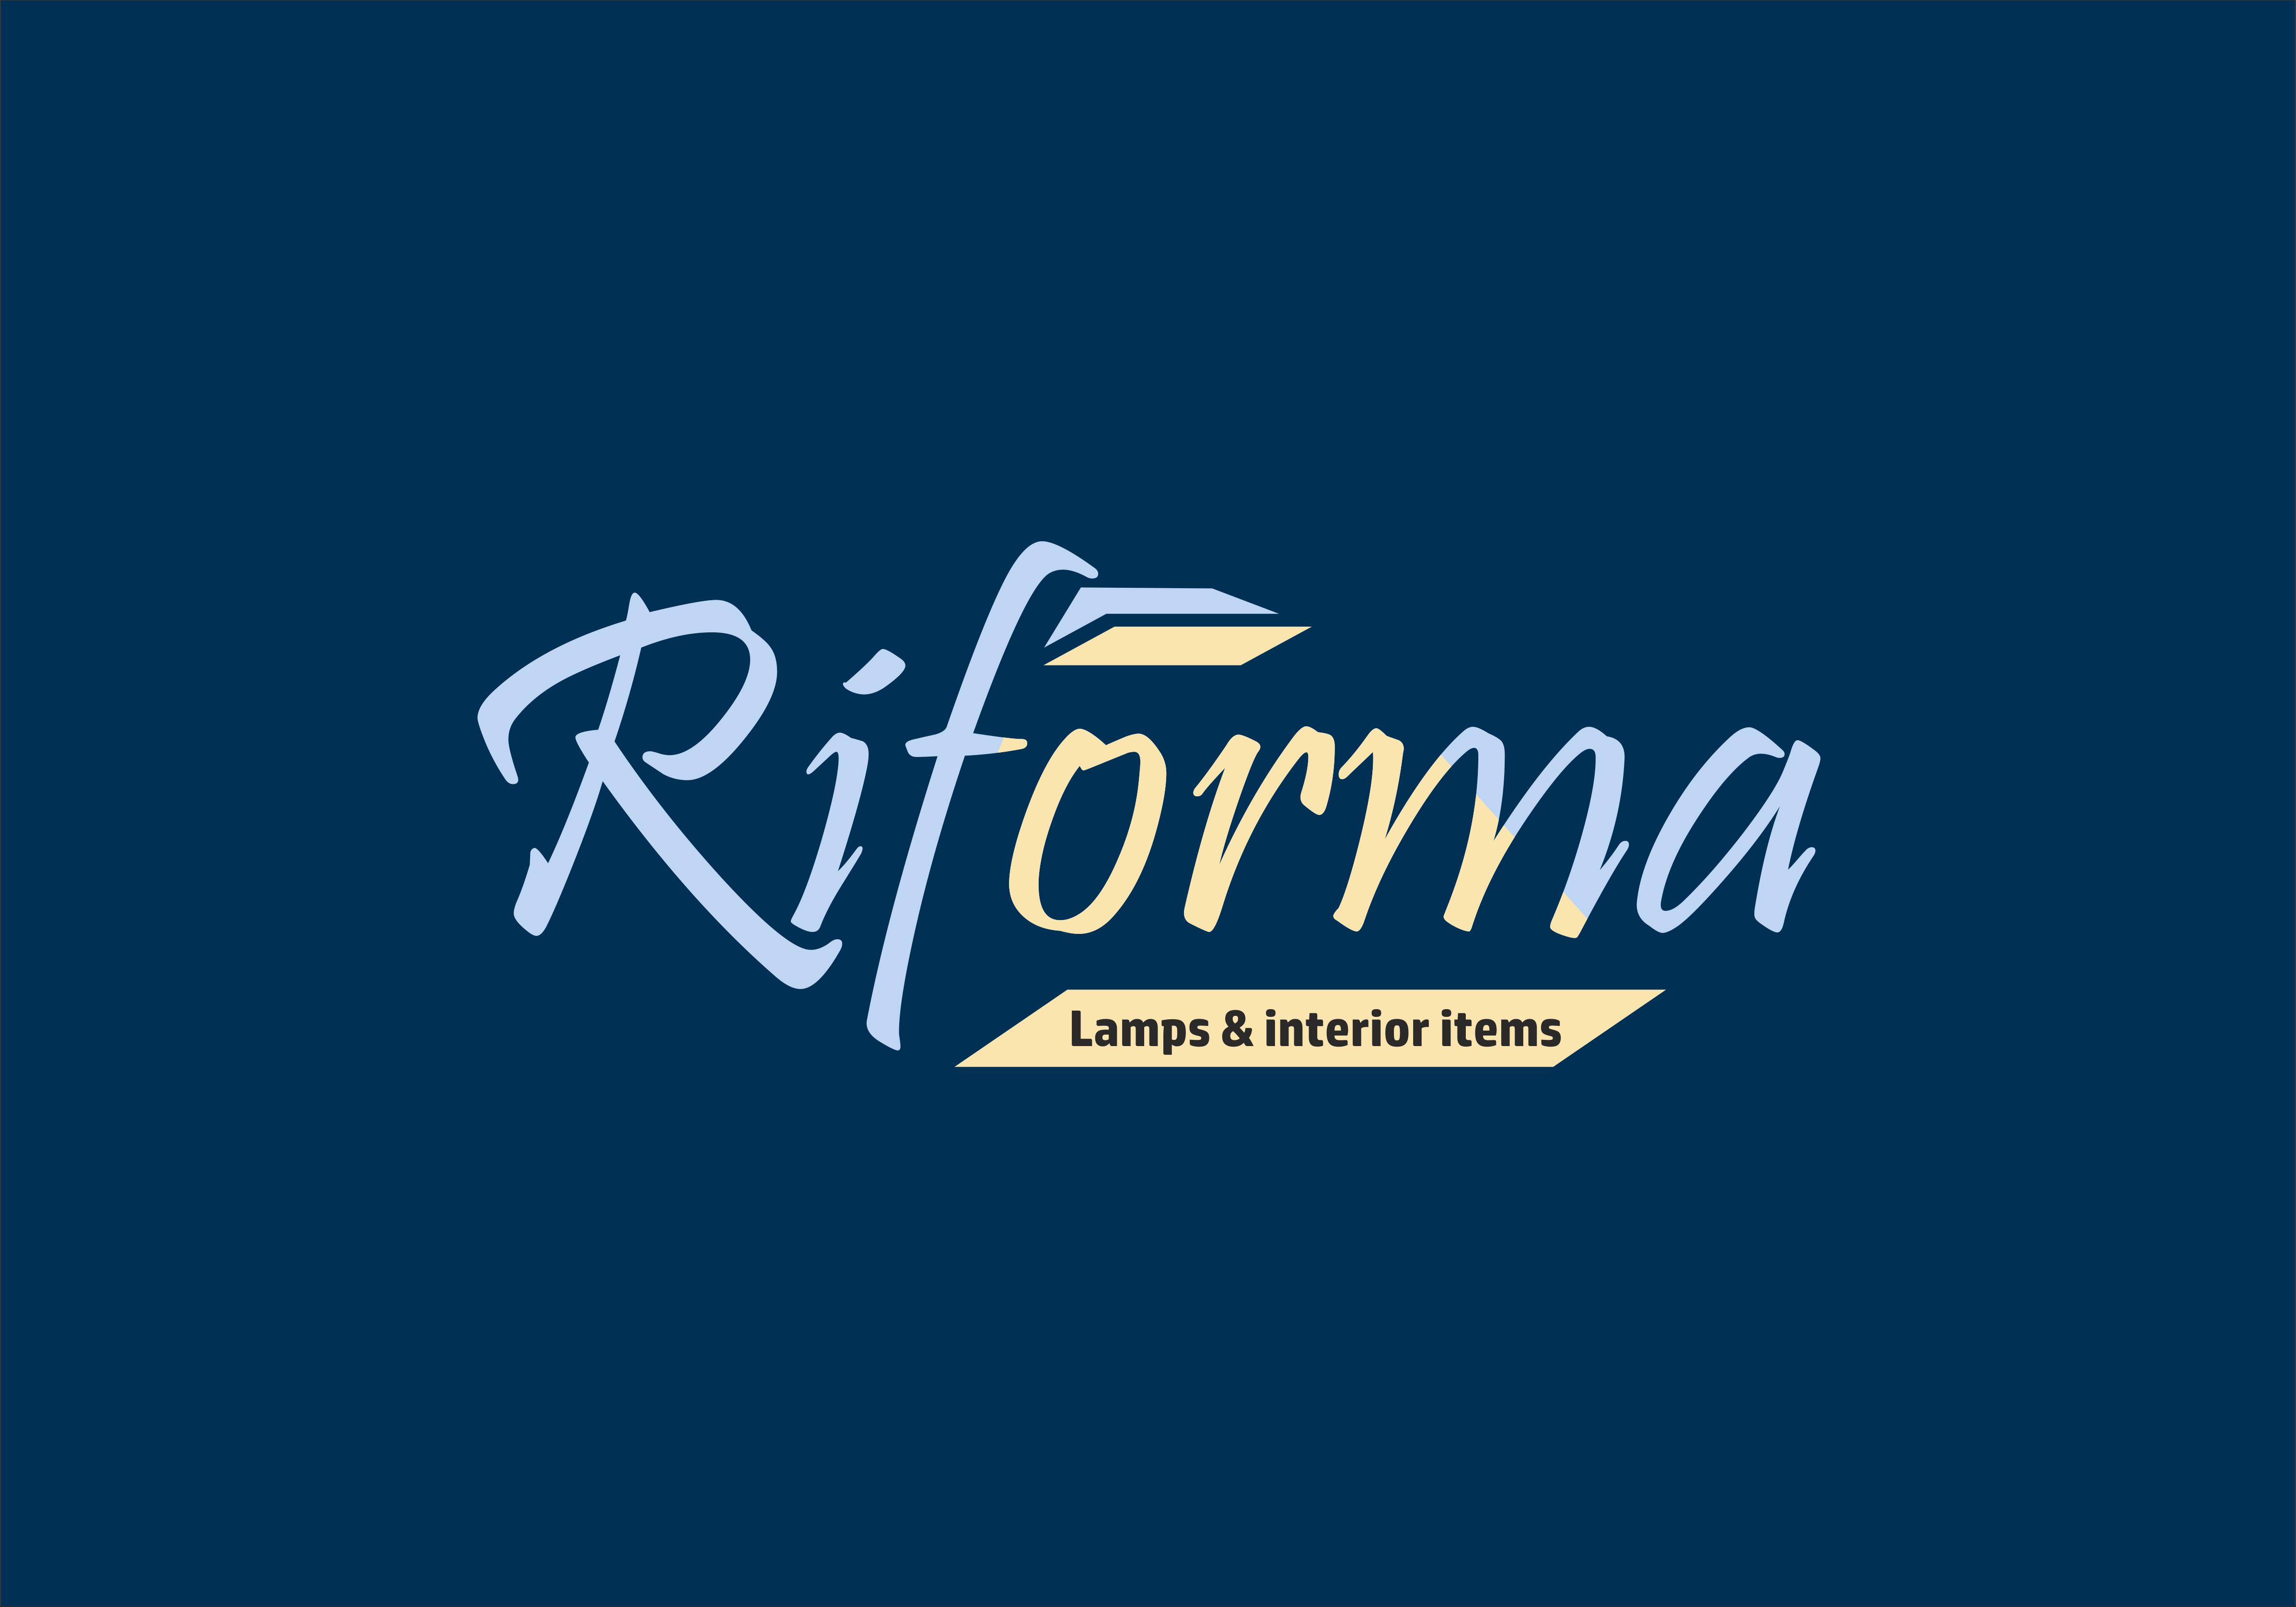 Разработка логотипа и элементов фирменного стиля фото f_82657a88f70ba6cd.png